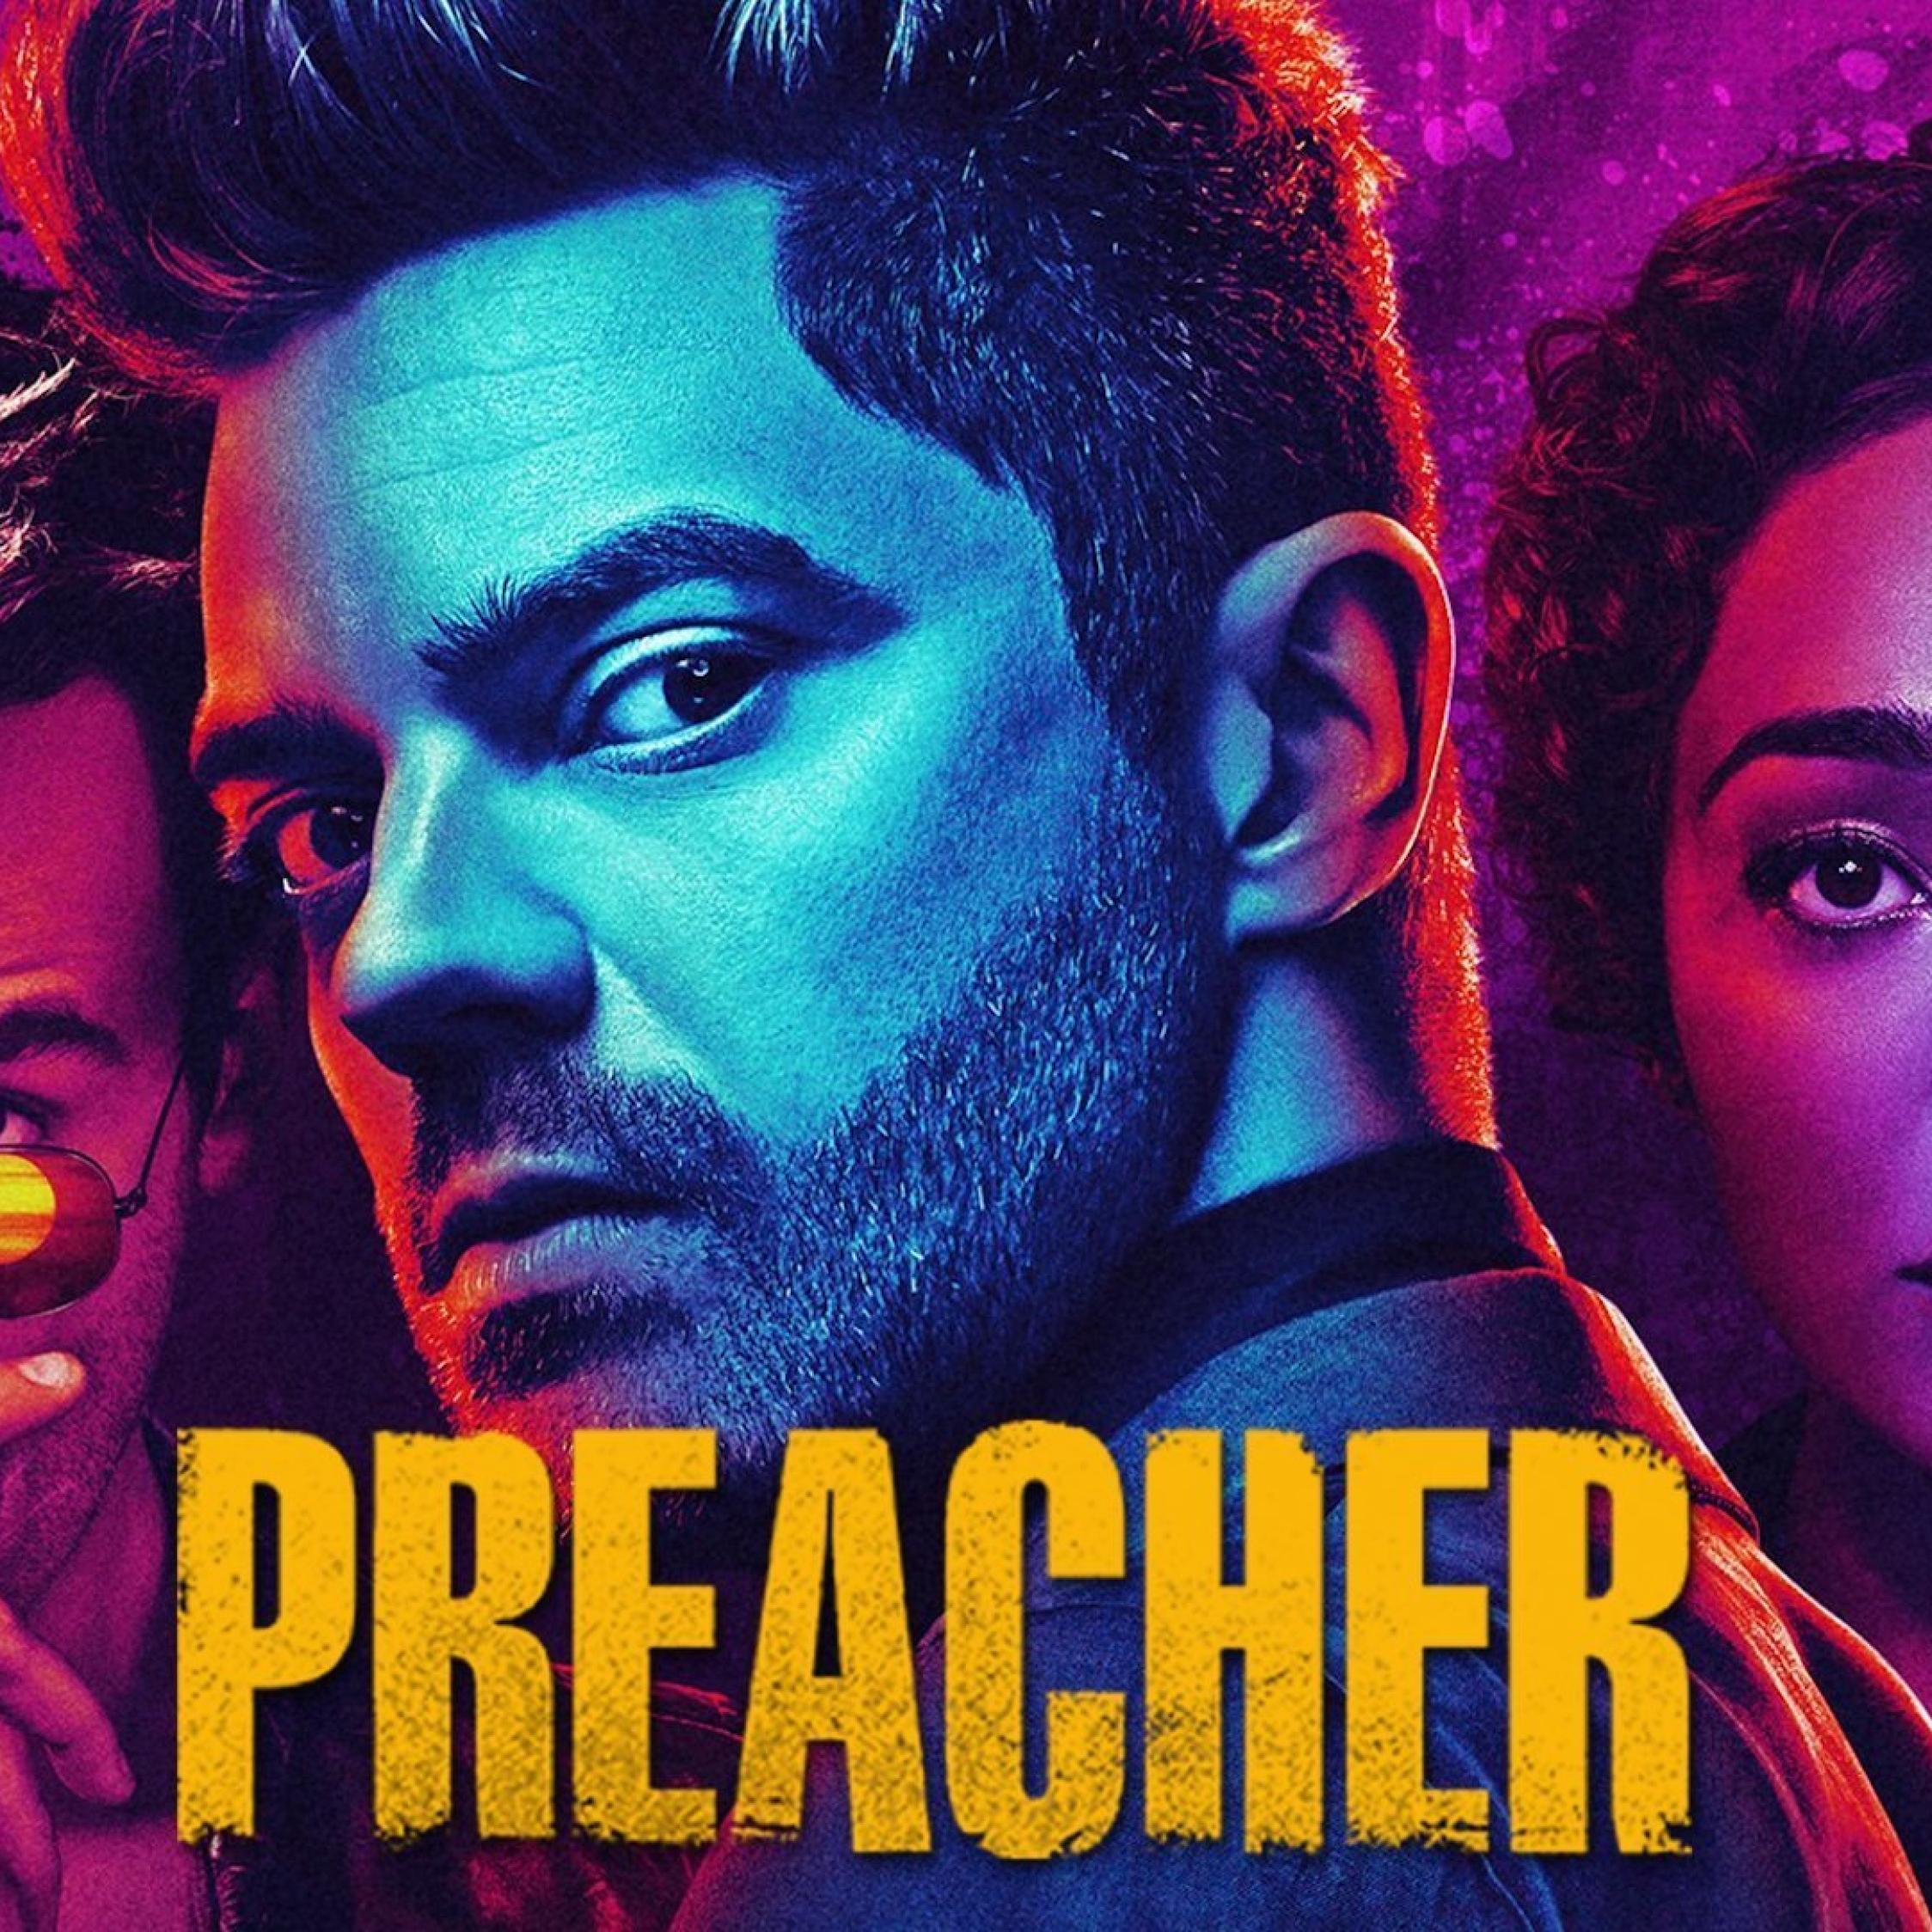 Preacher Tv Show, Full HD Wallpaper